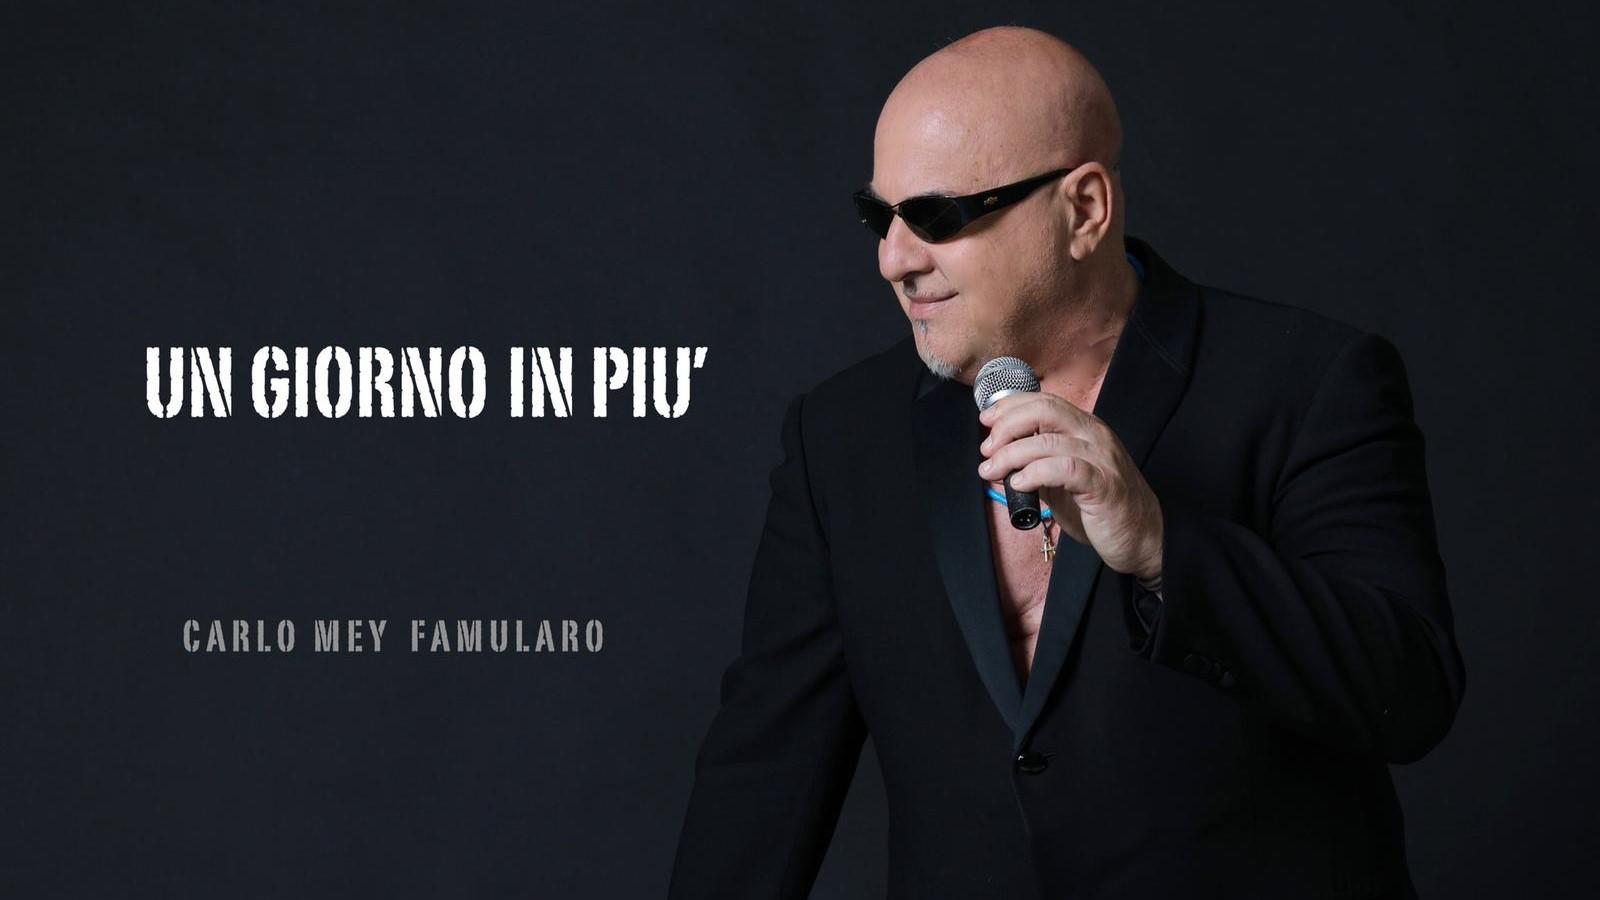 """""""Un giorno in più"""", il nuovo singolo del cantautore Carlo Mey Famularo"""